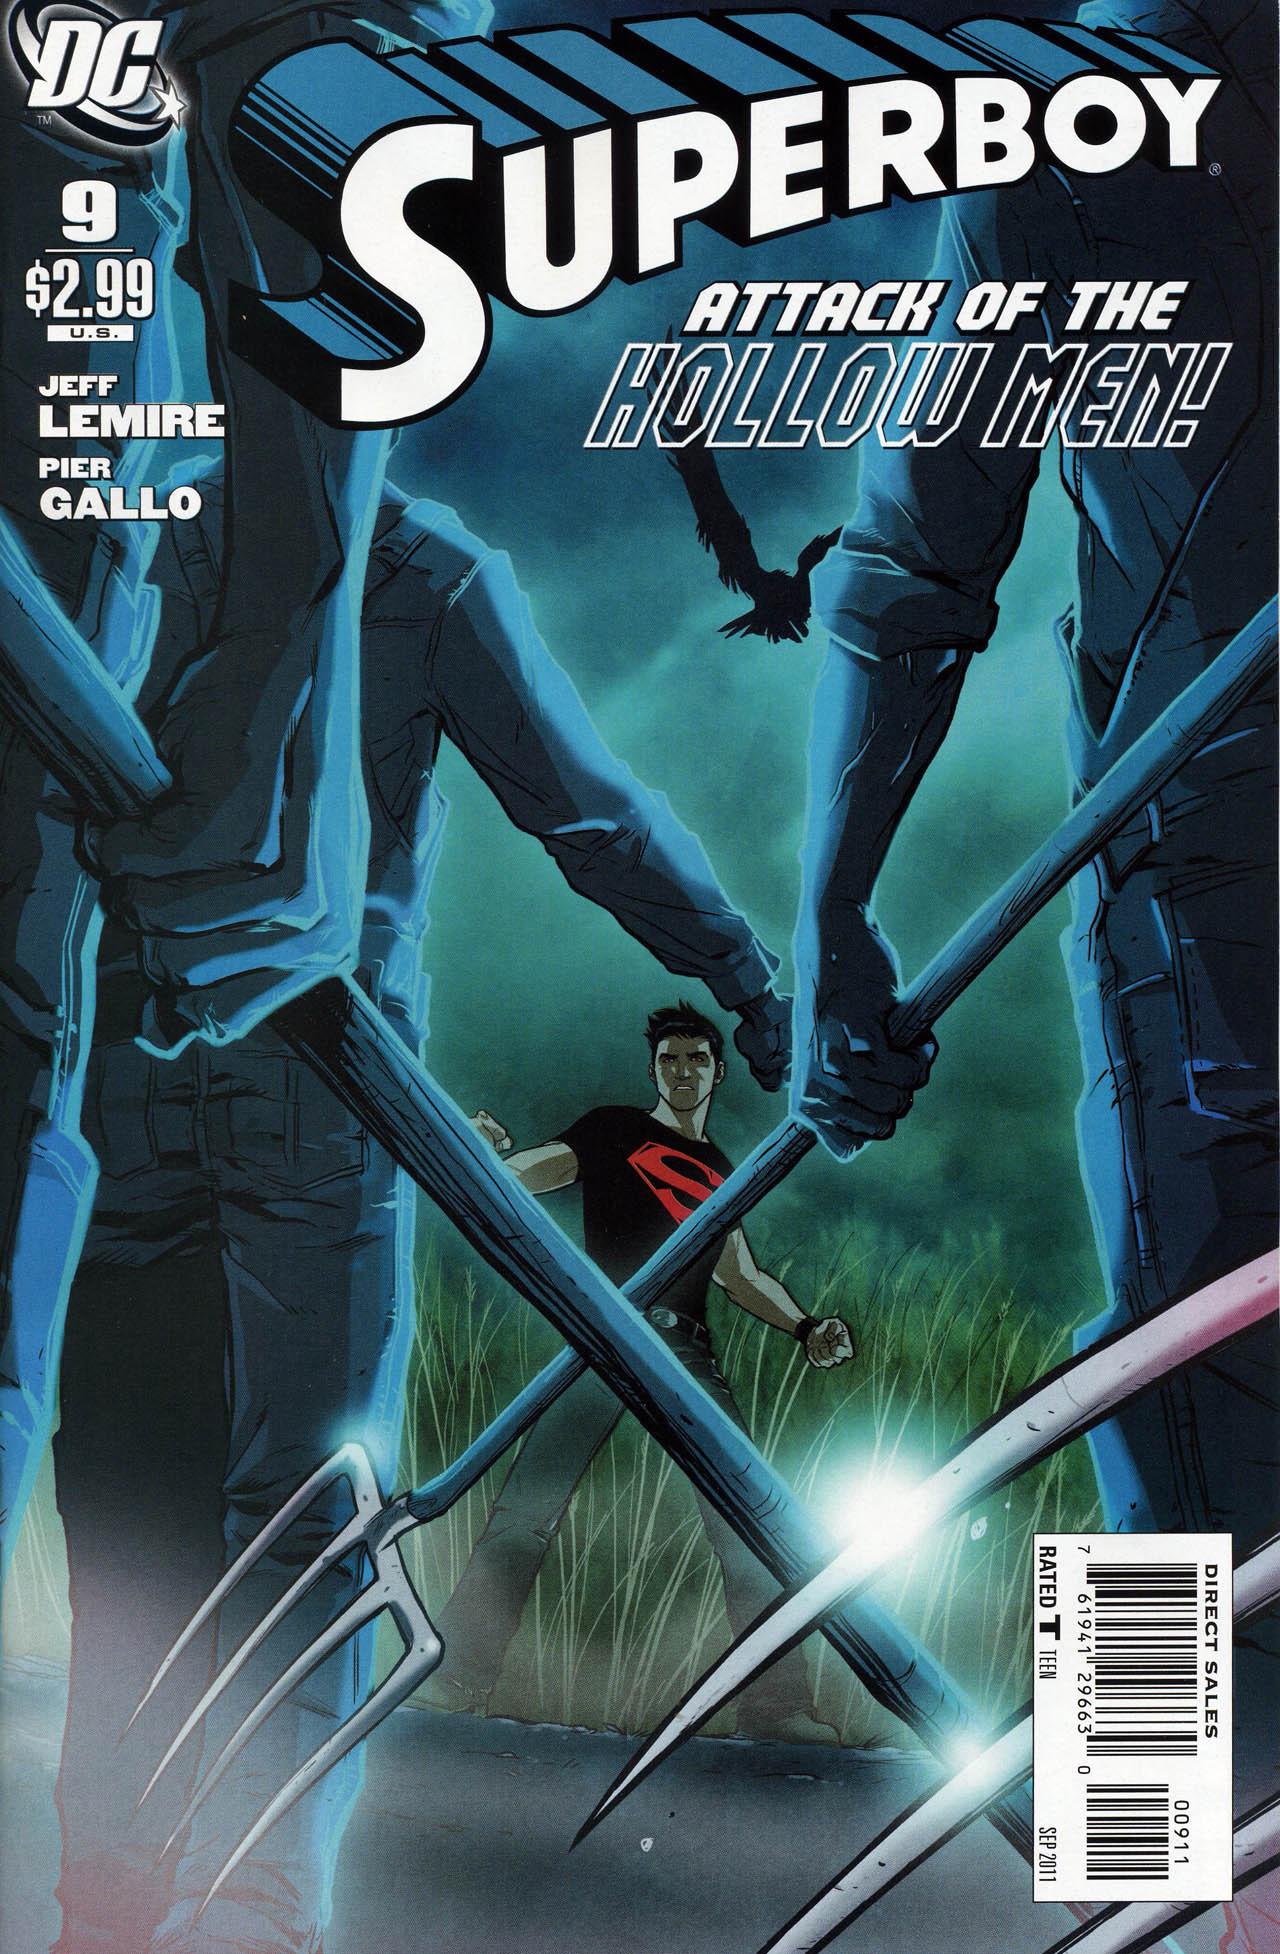 Superboy [I] Issue #9 #9 - English 1